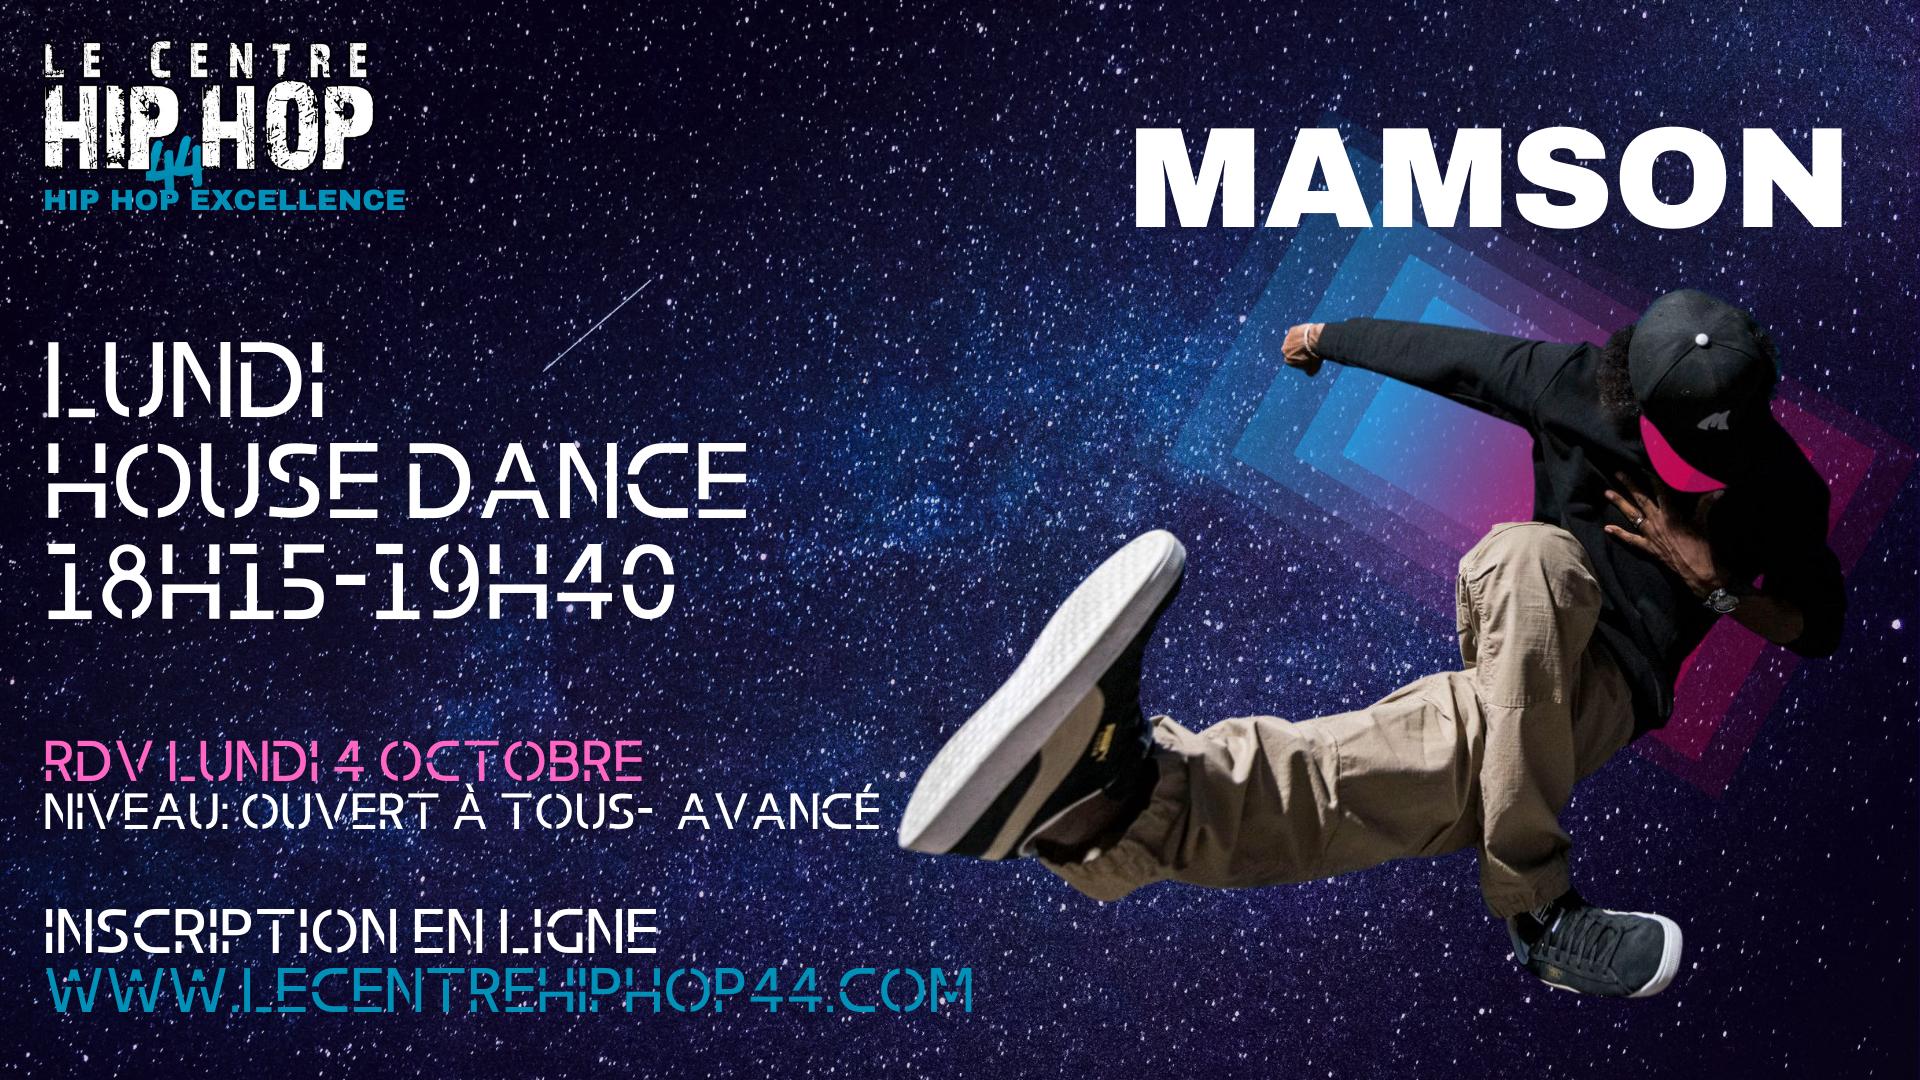 MAMSON HOUSE DANCE